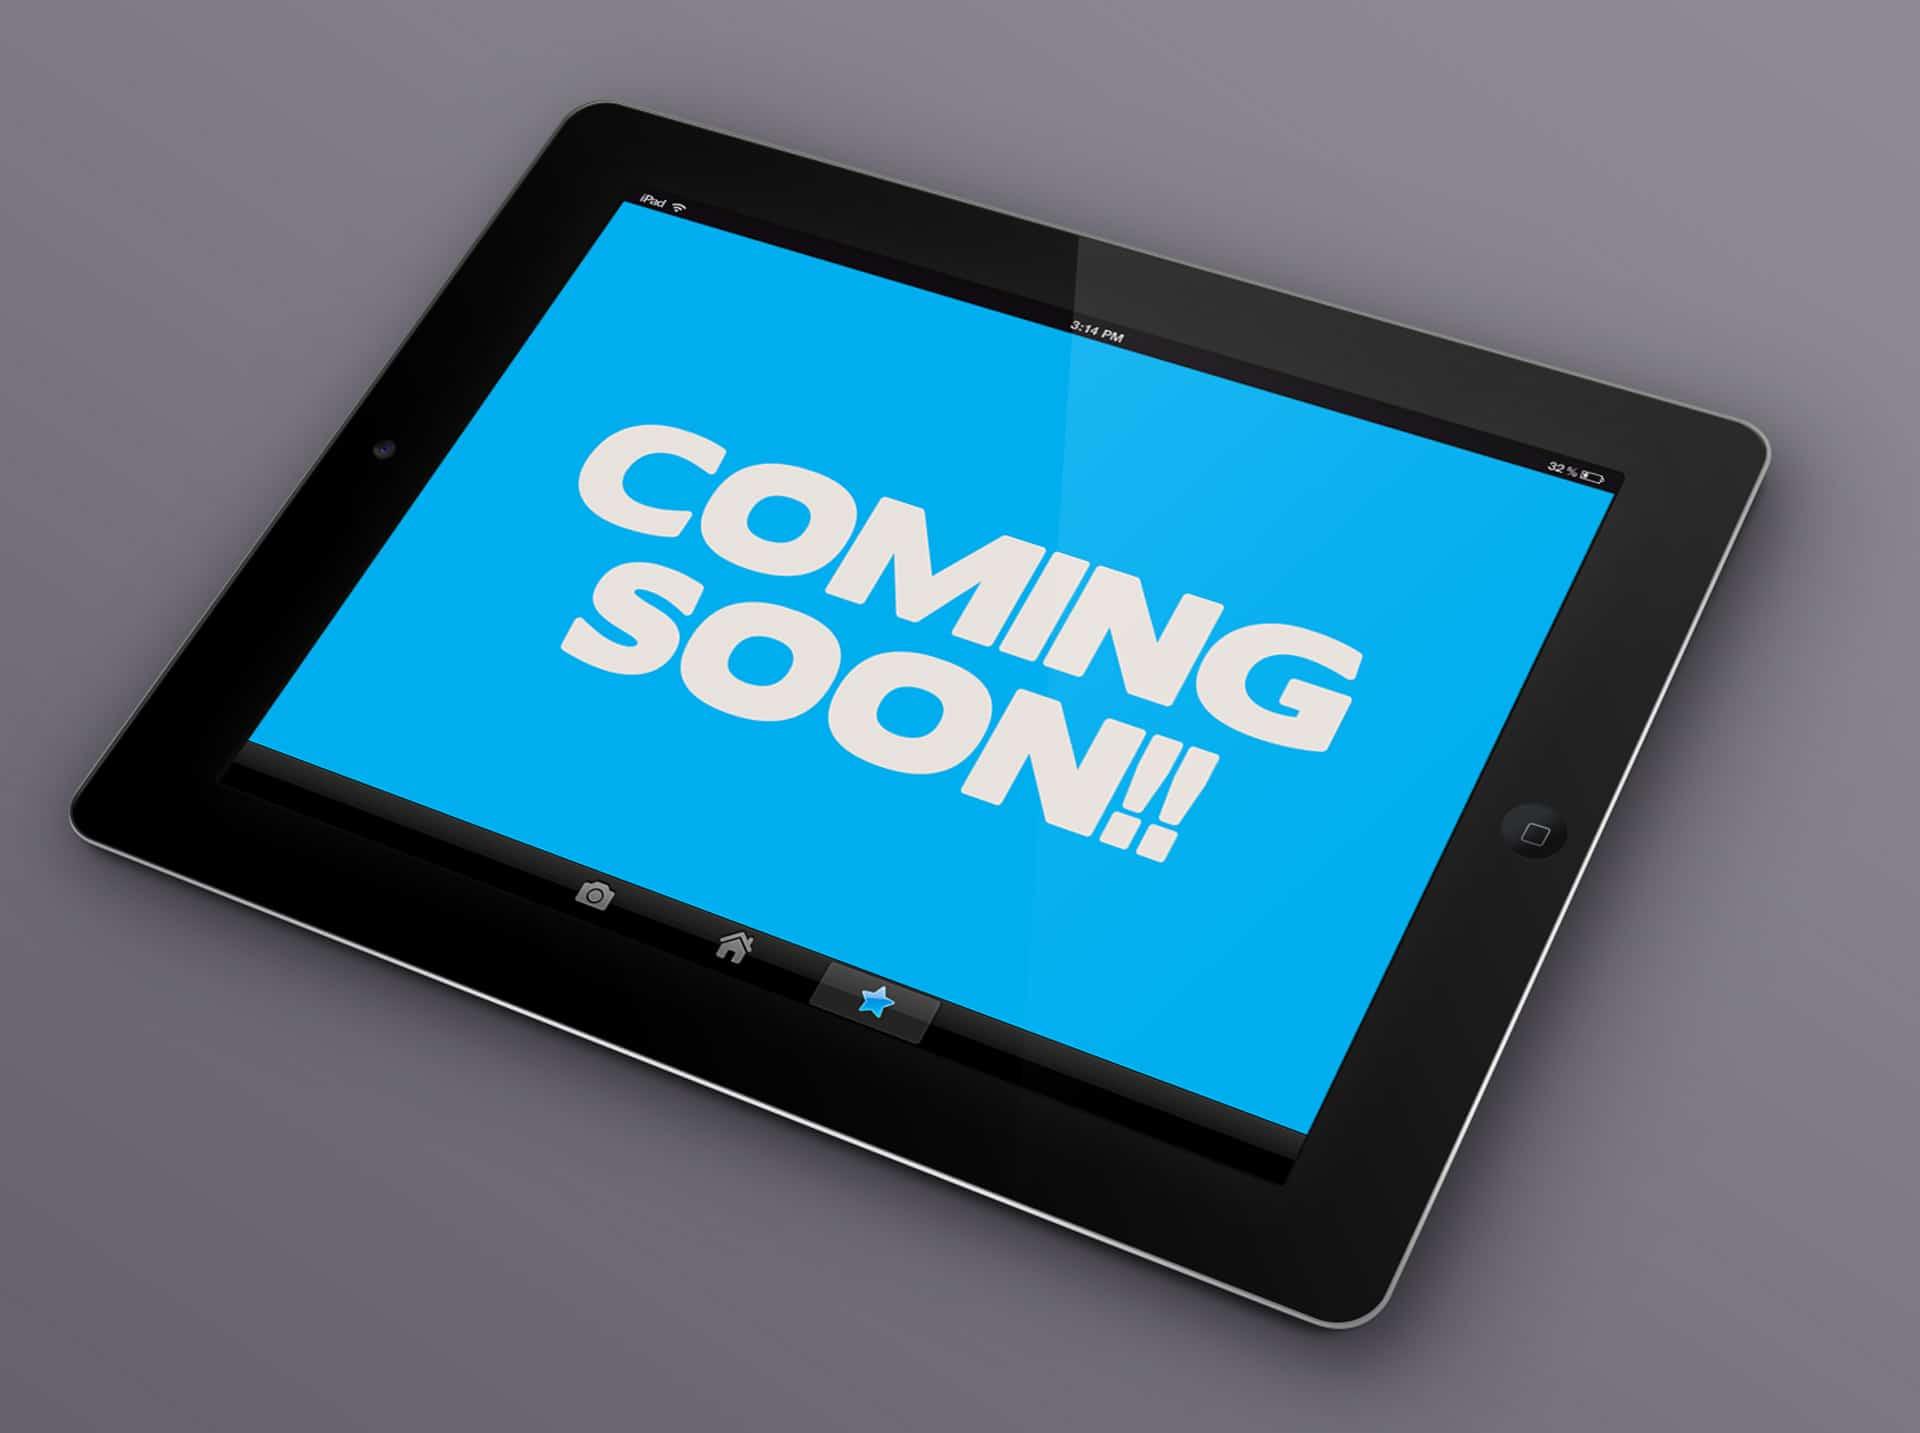 iPad App Coming Soon